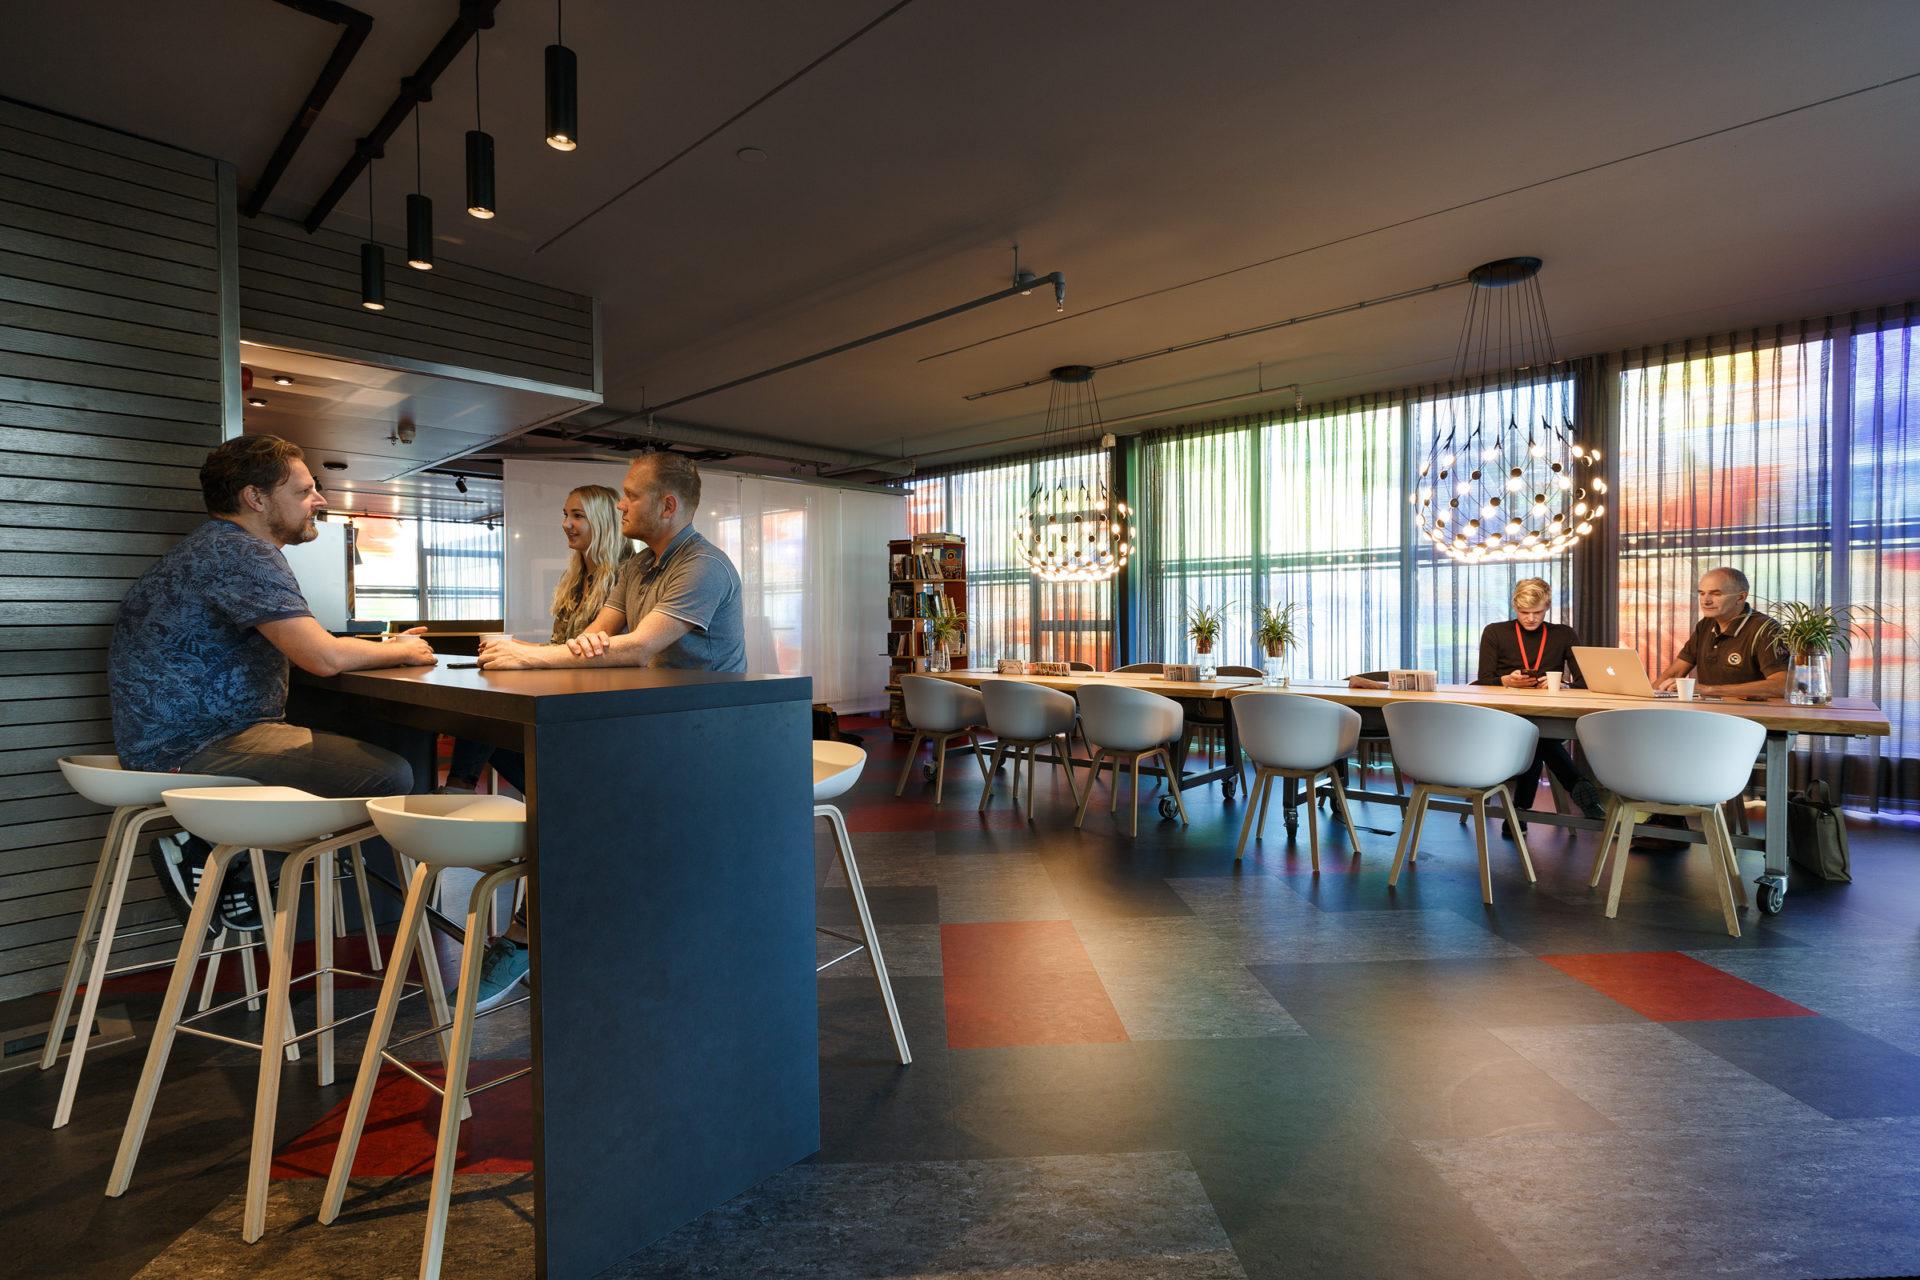 Topperprojecten - Nederlands Instituut voor Beeld en Geluid 18